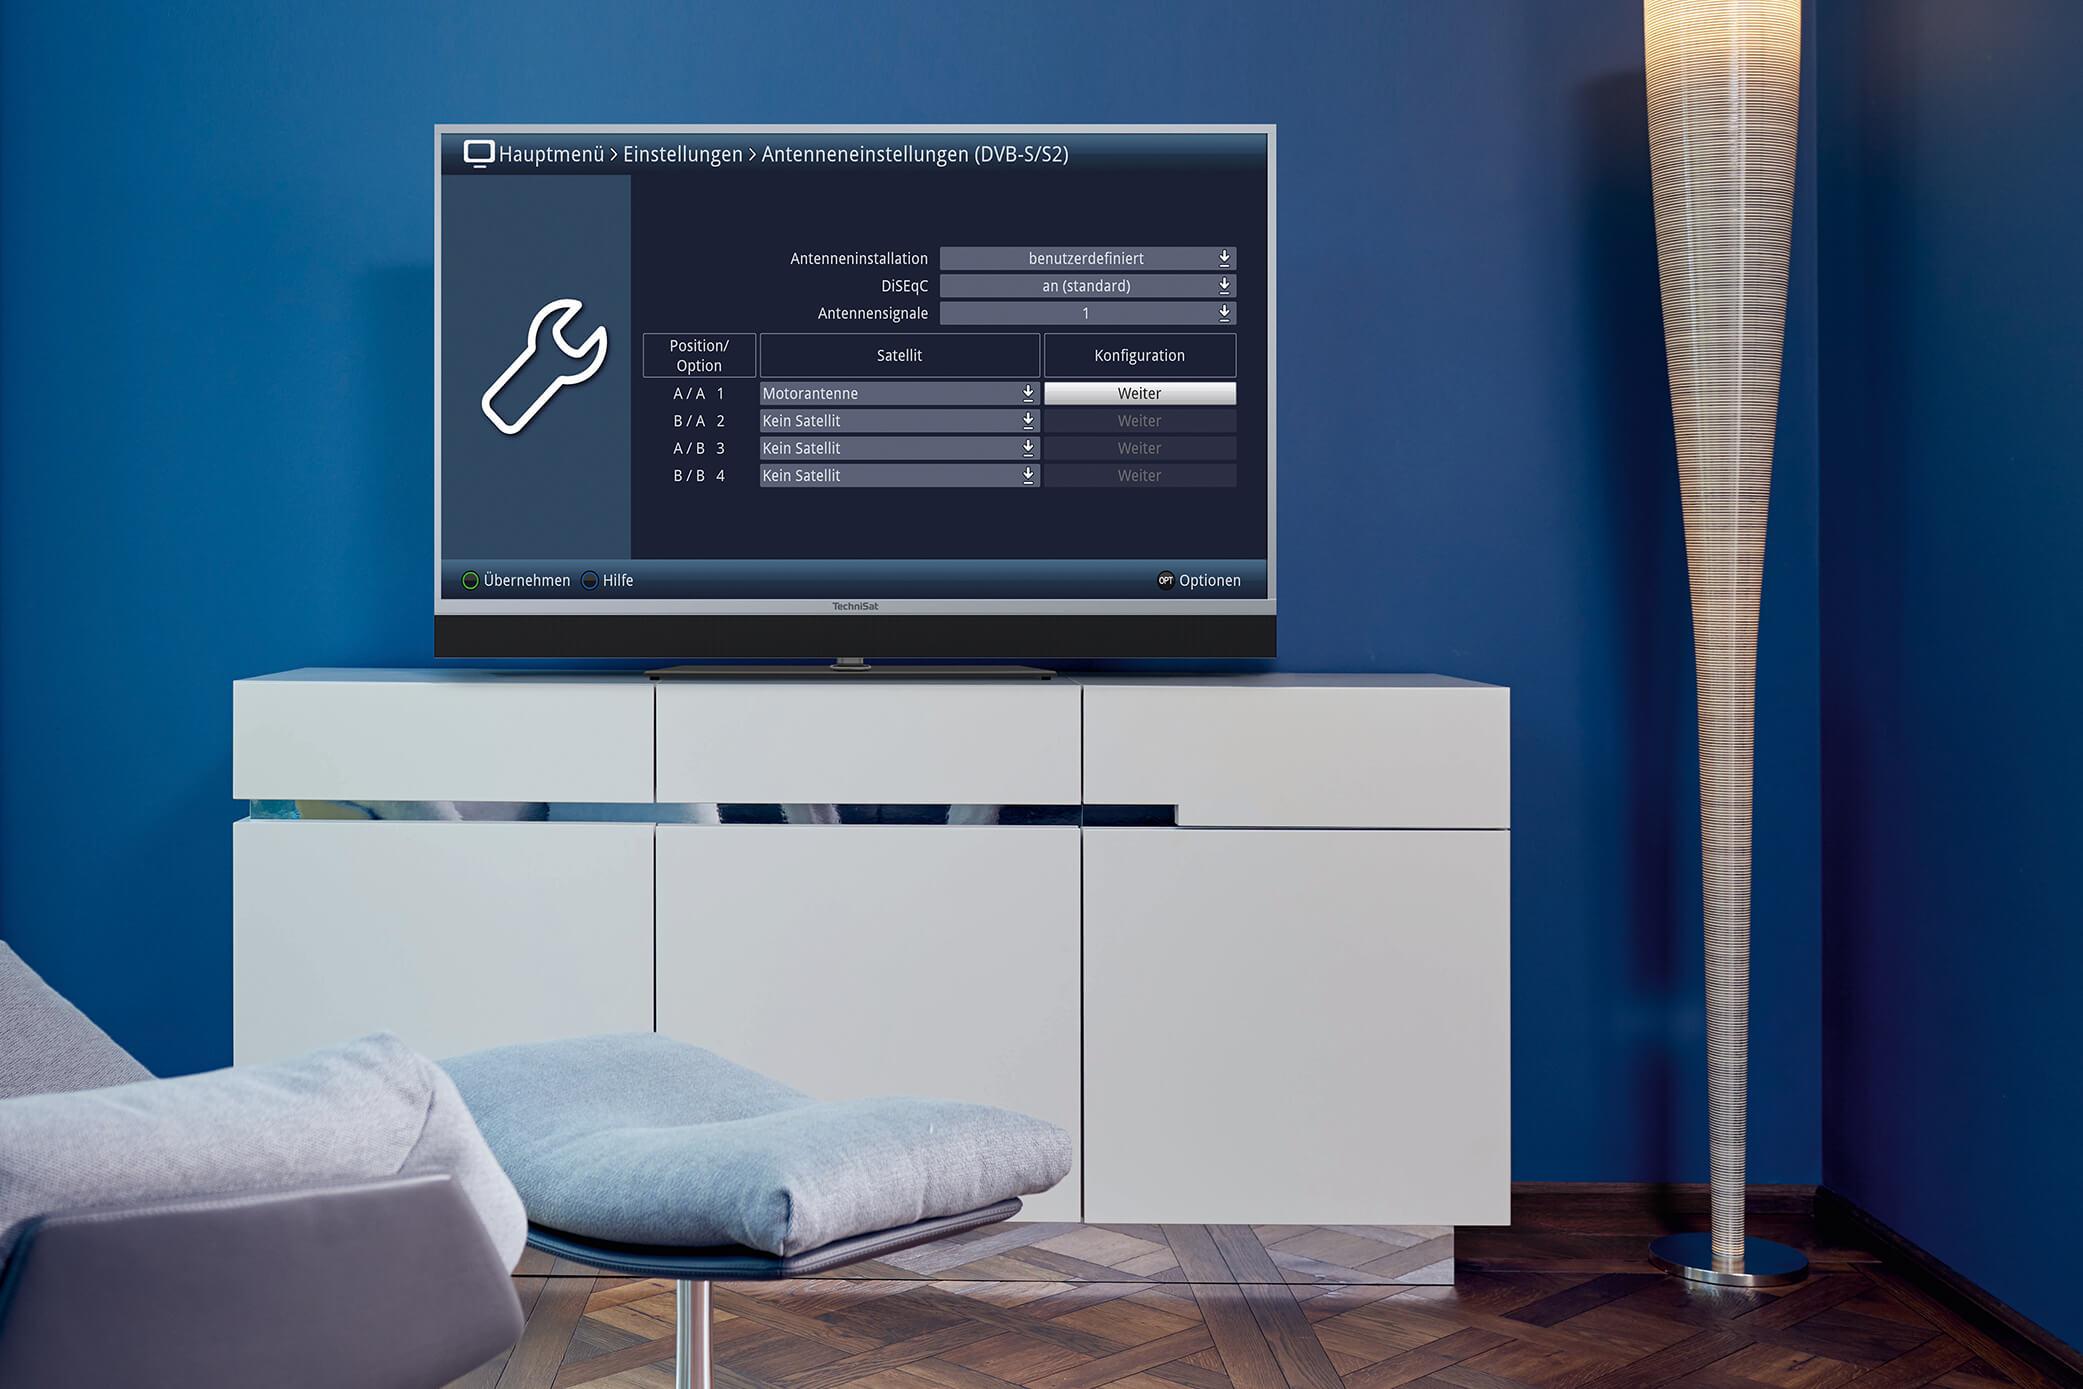 TV-Geräte mit integriertem Sat-Tuner